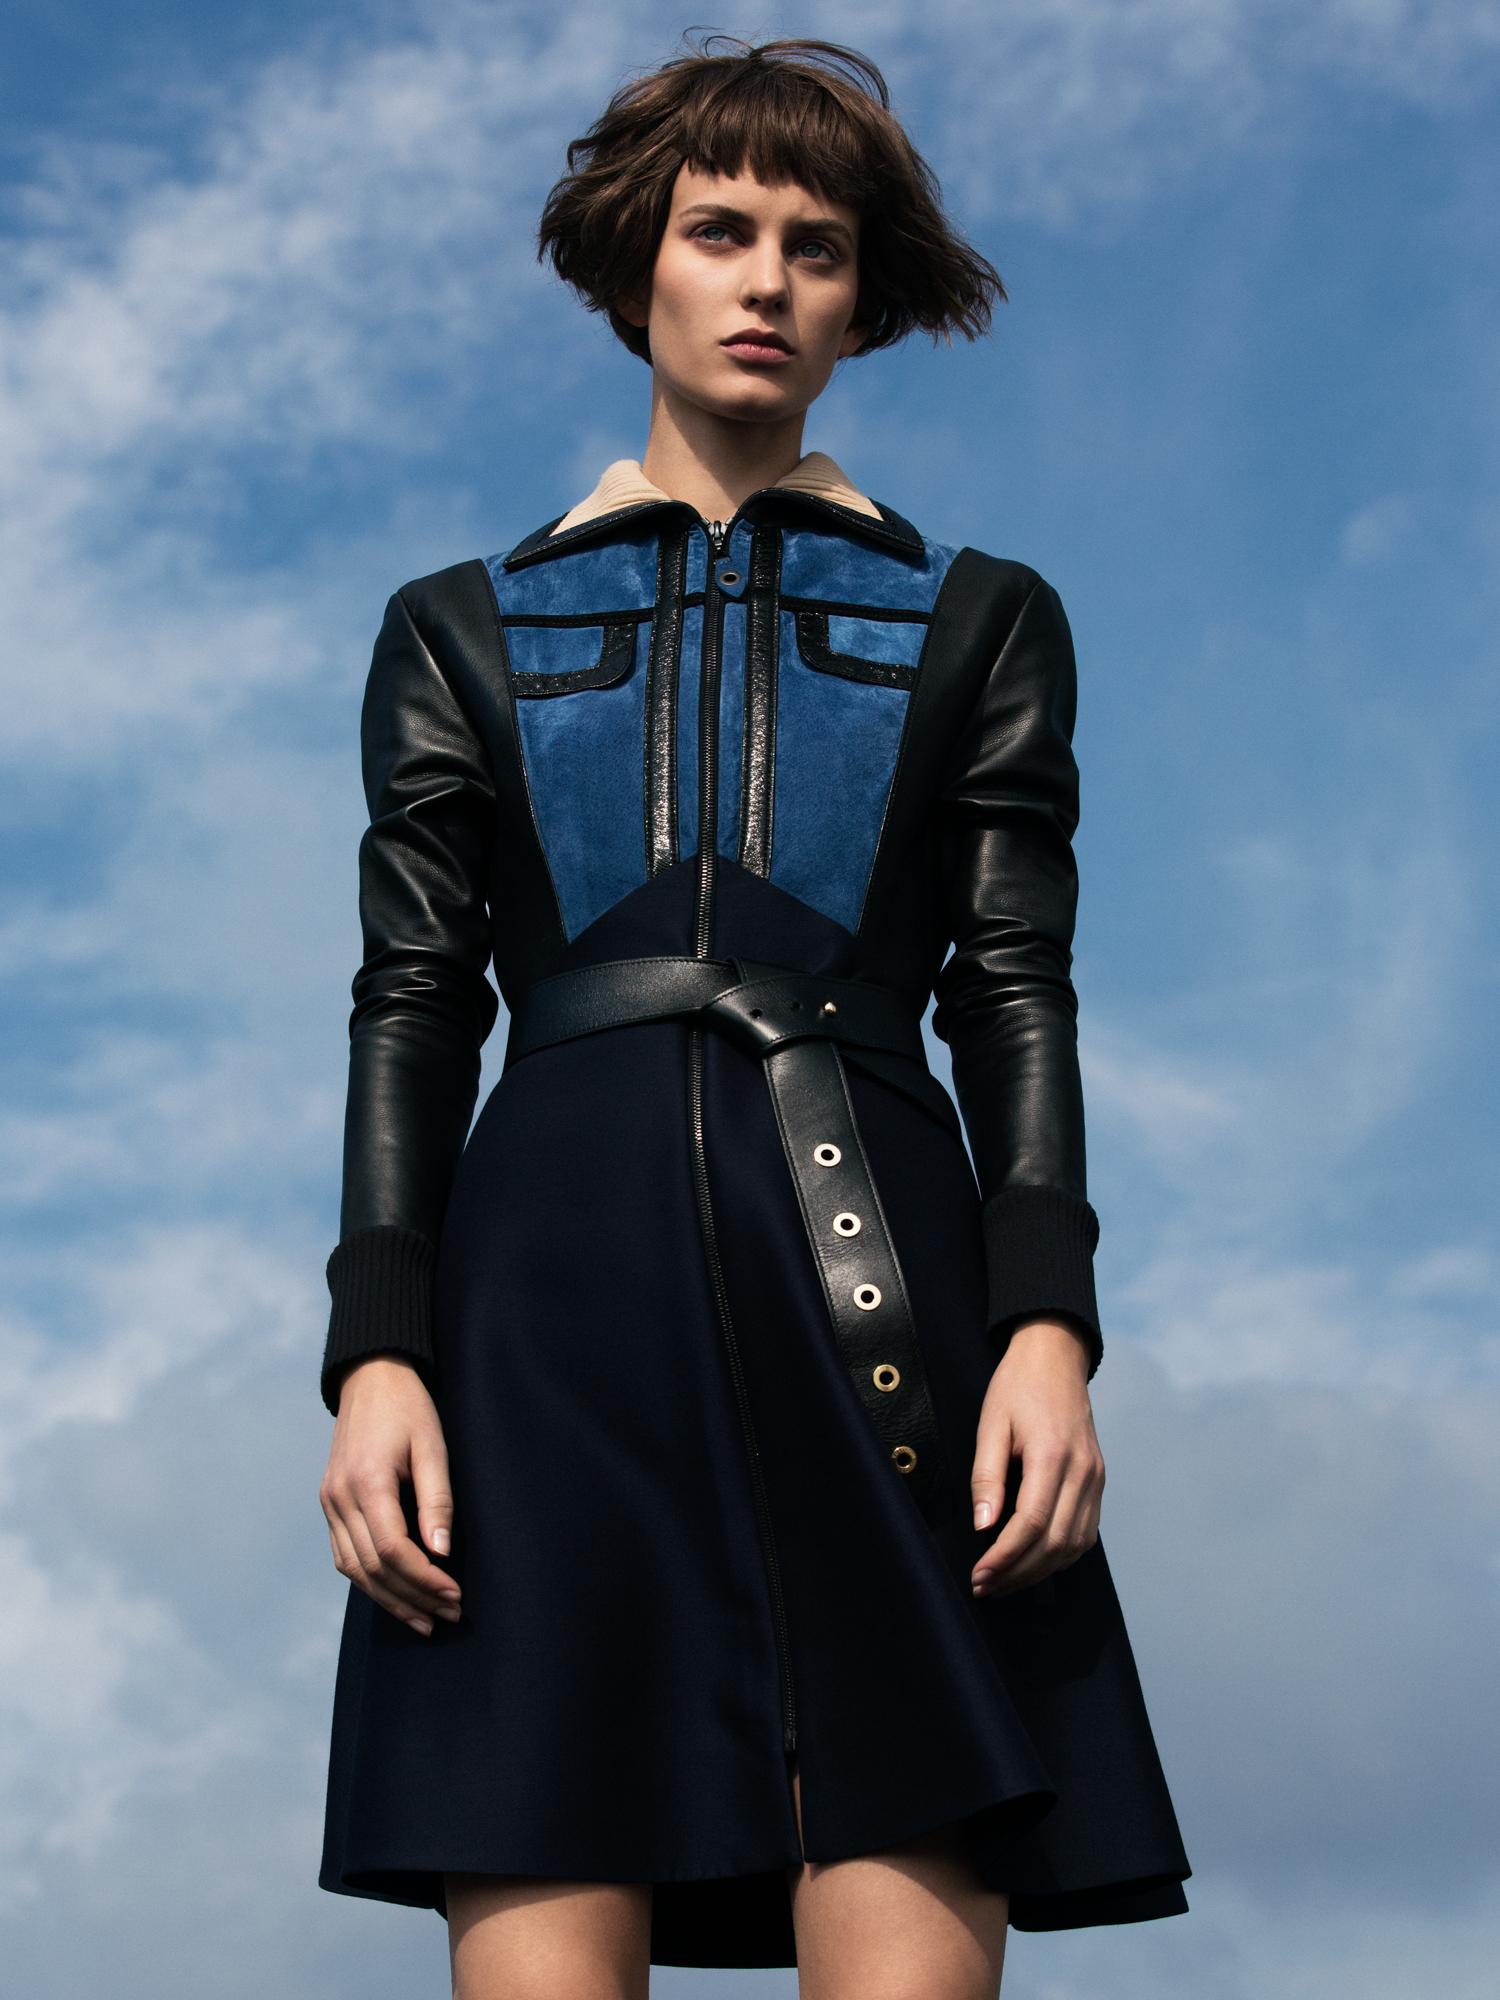 Ellinore-Erichsen-Flaunt-Magazine-16.jpg